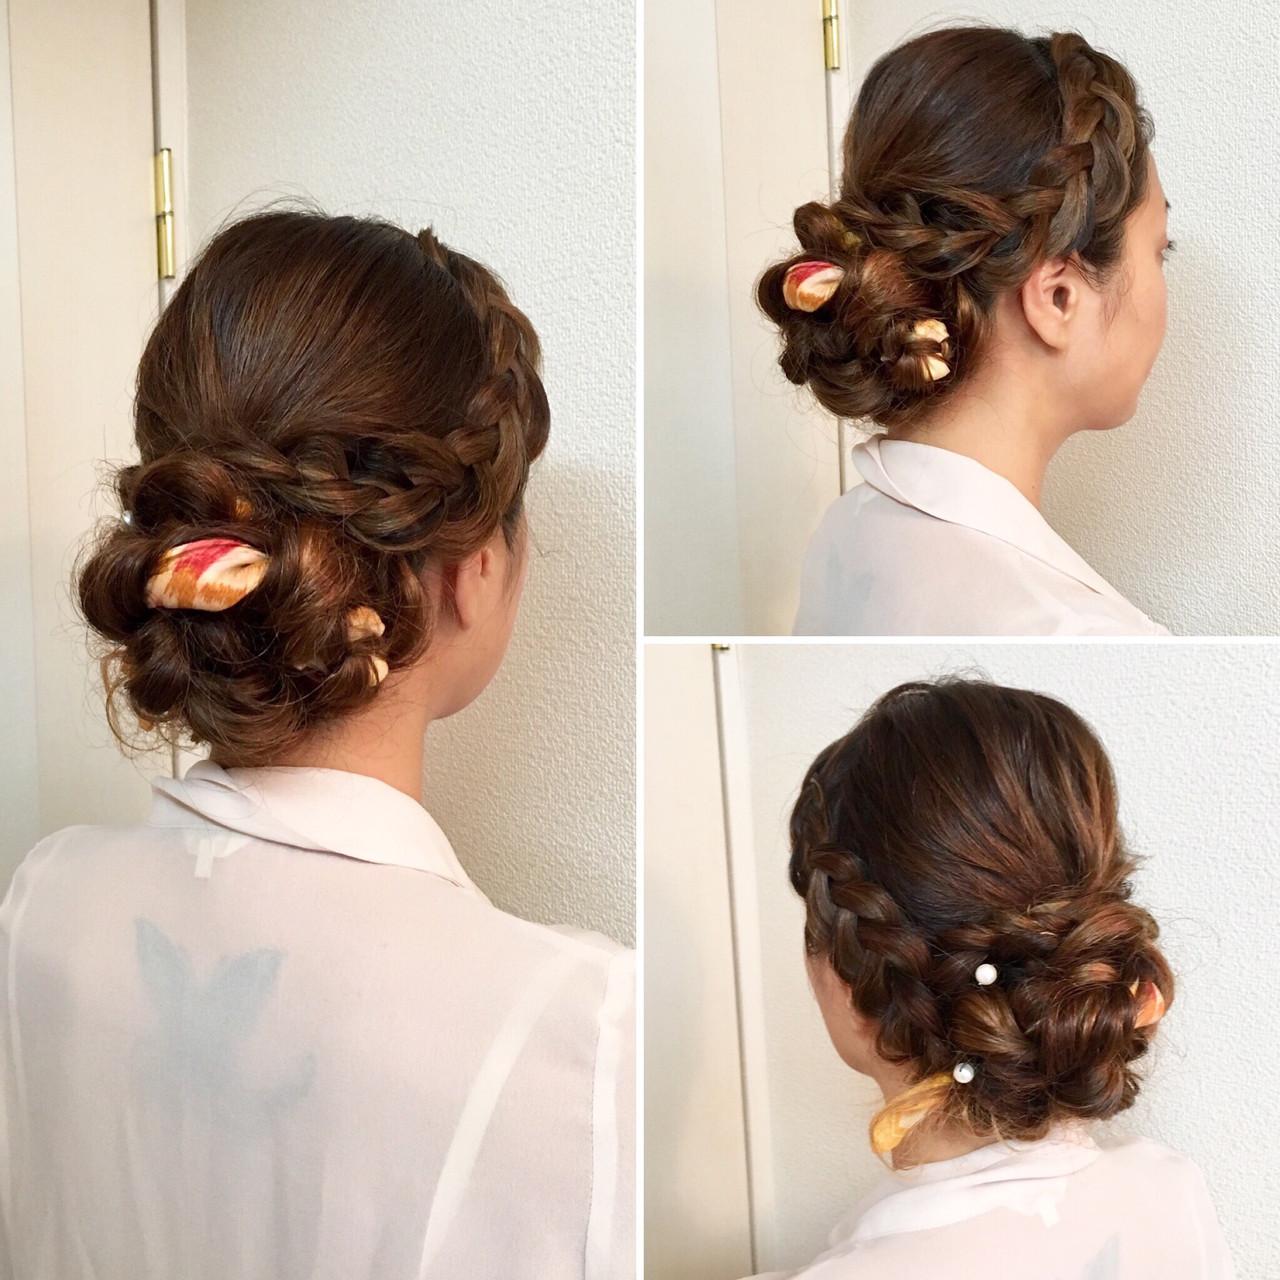 ヘアアクセ 上品 アップスタイル ヘアアレンジ ヘアスタイルや髪型の写真・画像 | a-ko 武田亜弥子 / ヘアメイクRainbow 代表